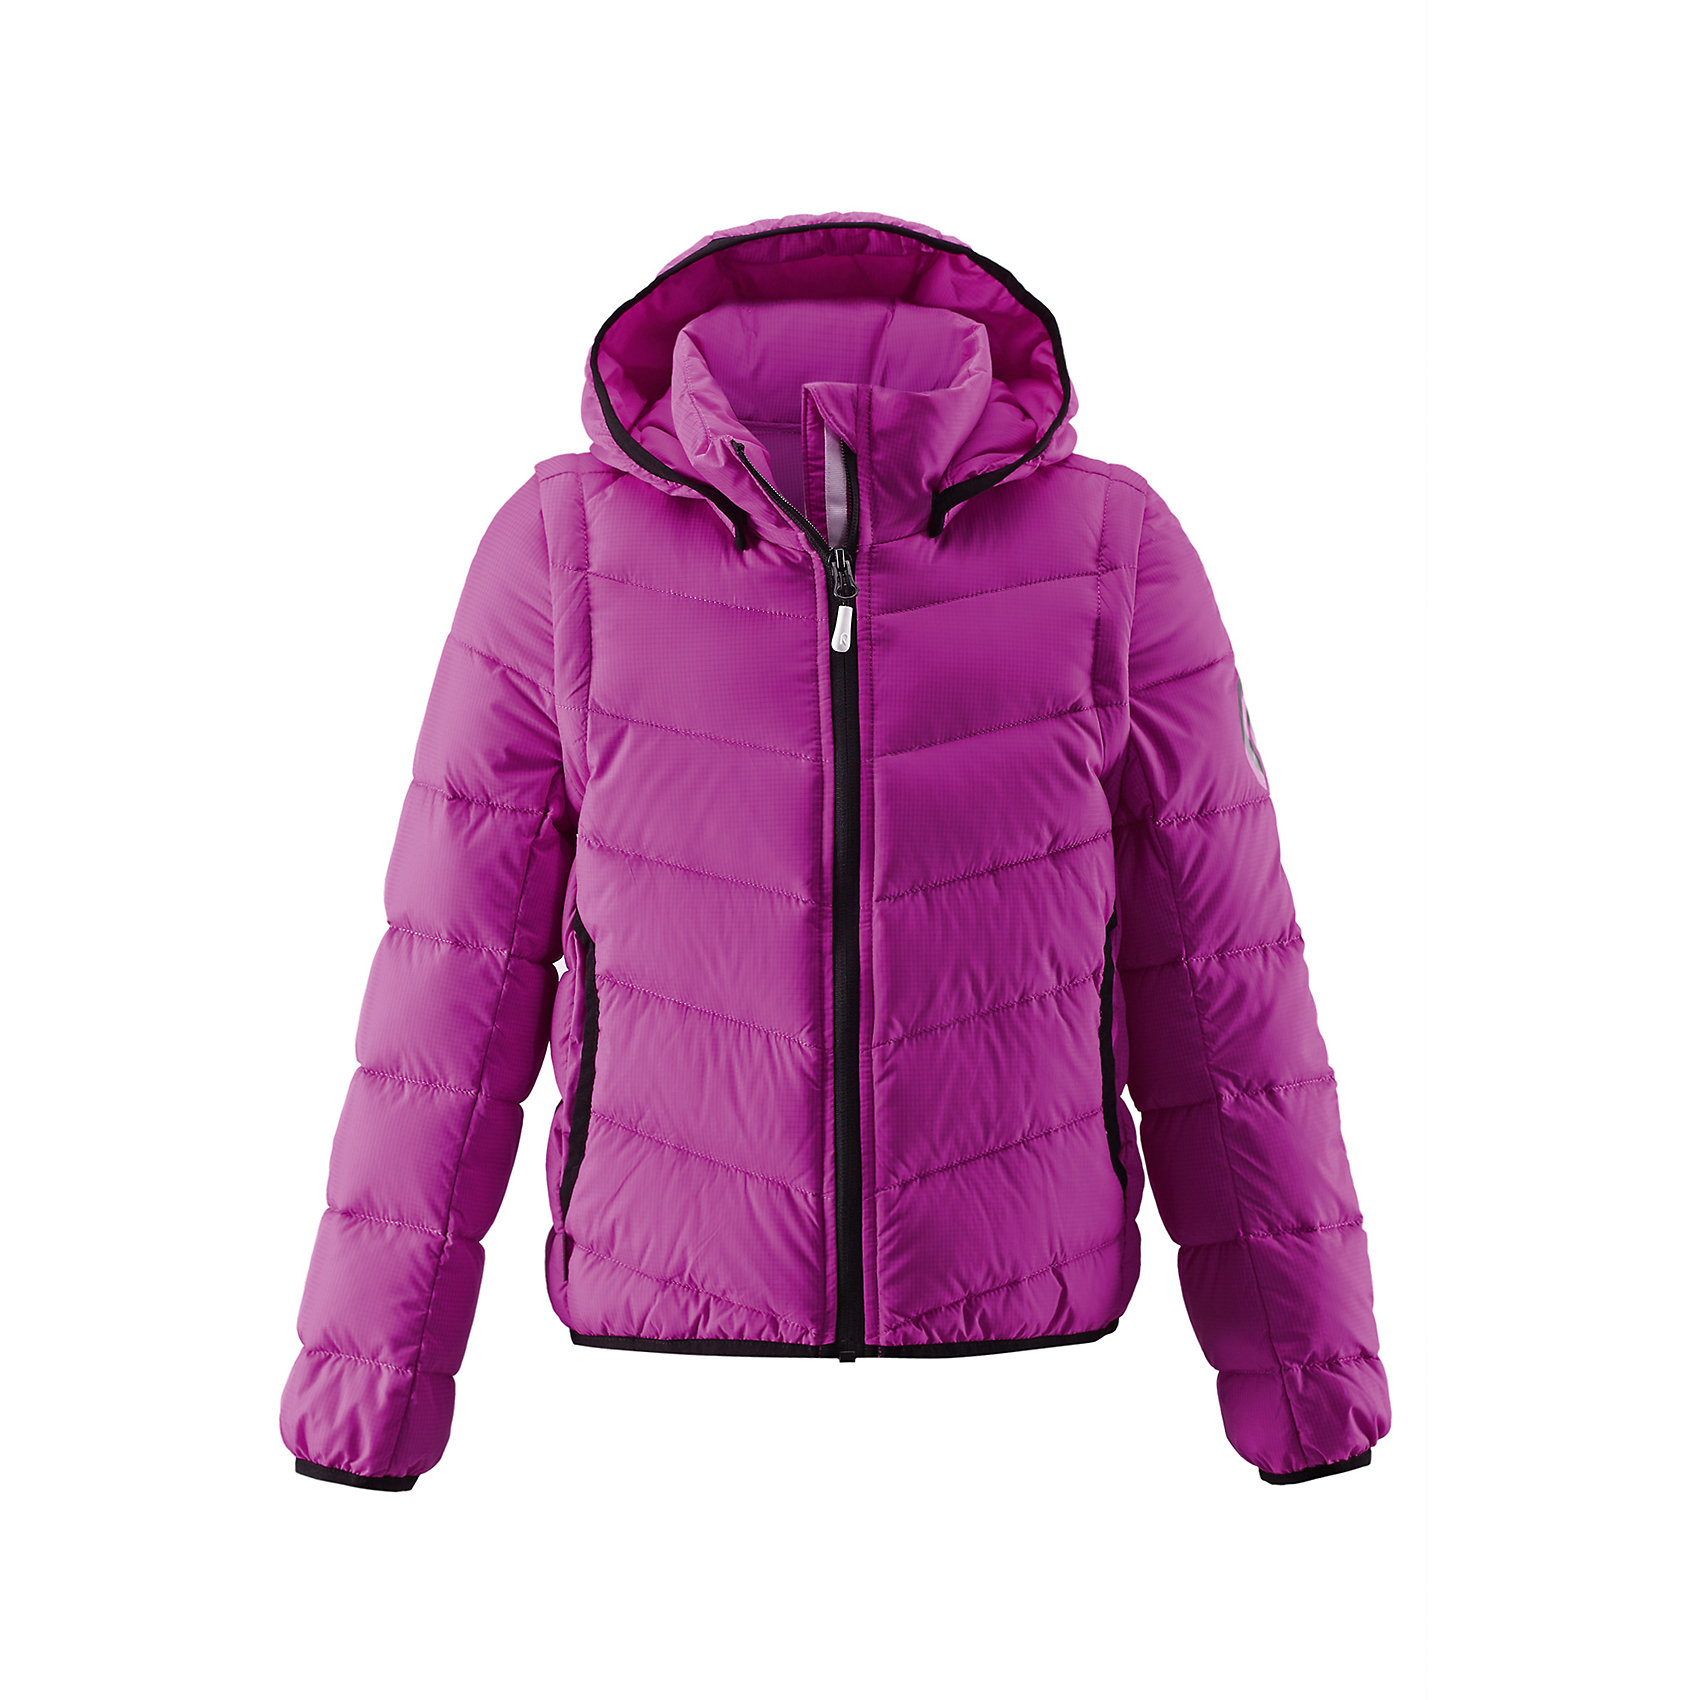 Куртка для девочки ReimaВ одной две — веселей вдвойне! Эта очень легкая, но при этом теплая и практичная слегка удлиненная куртка для подростков будет превосходным выбором для конца зимы и ранней весны. В ней ваша девочка будет тепло и красиво одета, куртка пригодится как для веселых игр во дворе, так и для прогулки по городу. Отстегнув рукава, вы в одно мгновение превратите ее в жилетку! Съемный капюшон безопасен и обеспечивает дополнительную защиту для головы и щечек в ветреный день. Станет идеальным вариантом на каждый день и лучшим другом в турпоходе!<br><br>Дополнительная информация:<br><br>Пуховая куртка для подростков<br>Облегченный материал!<br>Безопасный, съемный капюшон<br>Эластичная резинка на кромке капюшона, манжетах и подоле<br>Отстегивающиеся рукава на молнии<br>Карманы в боковых швах<br>Состав:<br>100% ПА<br>Уход:<br>Стирать по отдельности. Перед стиркой отстегните искусственный мех. Застегнуть молнии и липучки. Стирать моющим средством, не содержащим отбеливающие вещества. Полоскать без специального средства. Во избежание изменения цвета изделие необходимо вынуть из стиральной машинки незамедлительно после окончания программы стирки. Барабанное сушение при низкой температуре с 3 теннисными мячиками. Выверните изделие наизнанку в середине сушки.<br><br>Ширина мм: 356<br>Глубина мм: 10<br>Высота мм: 245<br>Вес г: 519<br>Цвет: розовый<br>Возраст от месяцев: 36<br>Возраст до месяцев: 48<br>Пол: Женский<br>Возраст: Детский<br>Размер: 104,110,116,128,134,140,152,164,158,146,122<br>SKU: 4496876